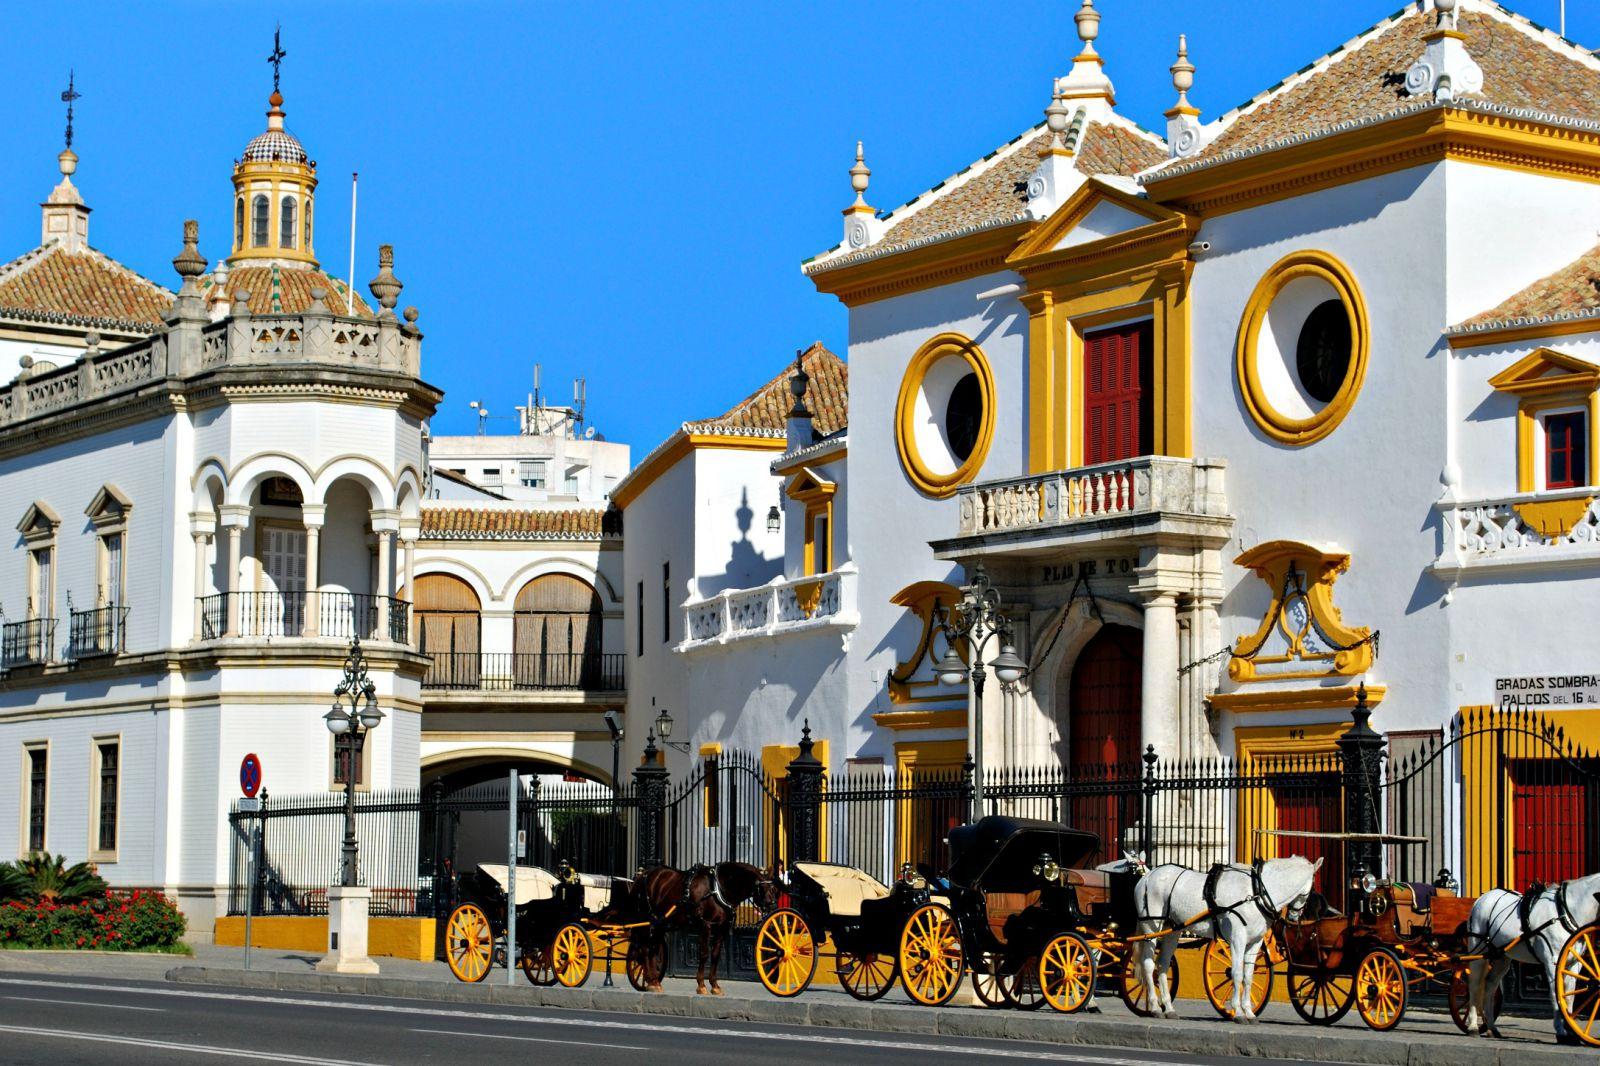 La Semana Santa a Siviglia